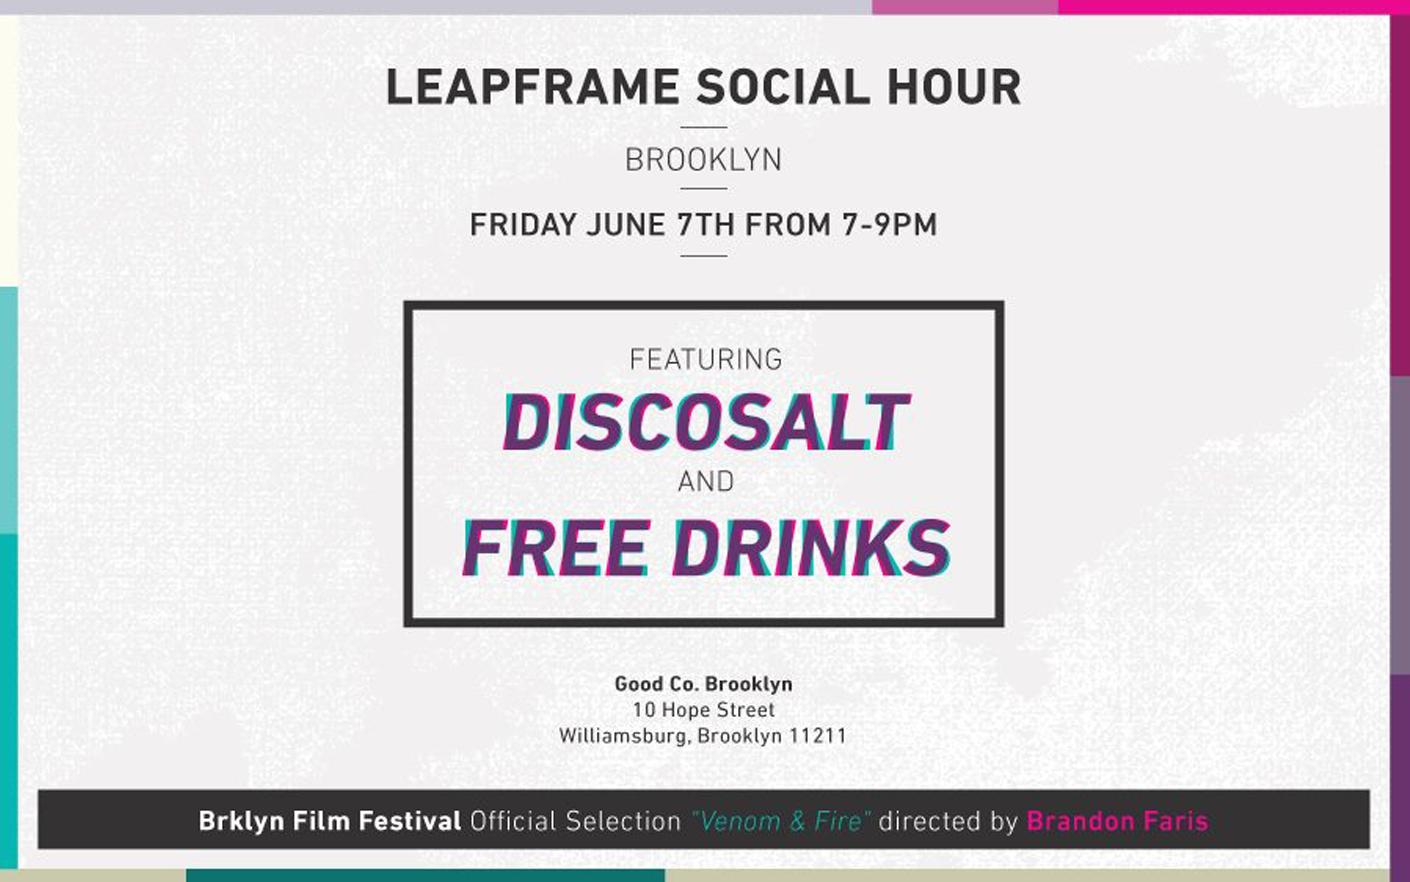 Discosalt Social Hour